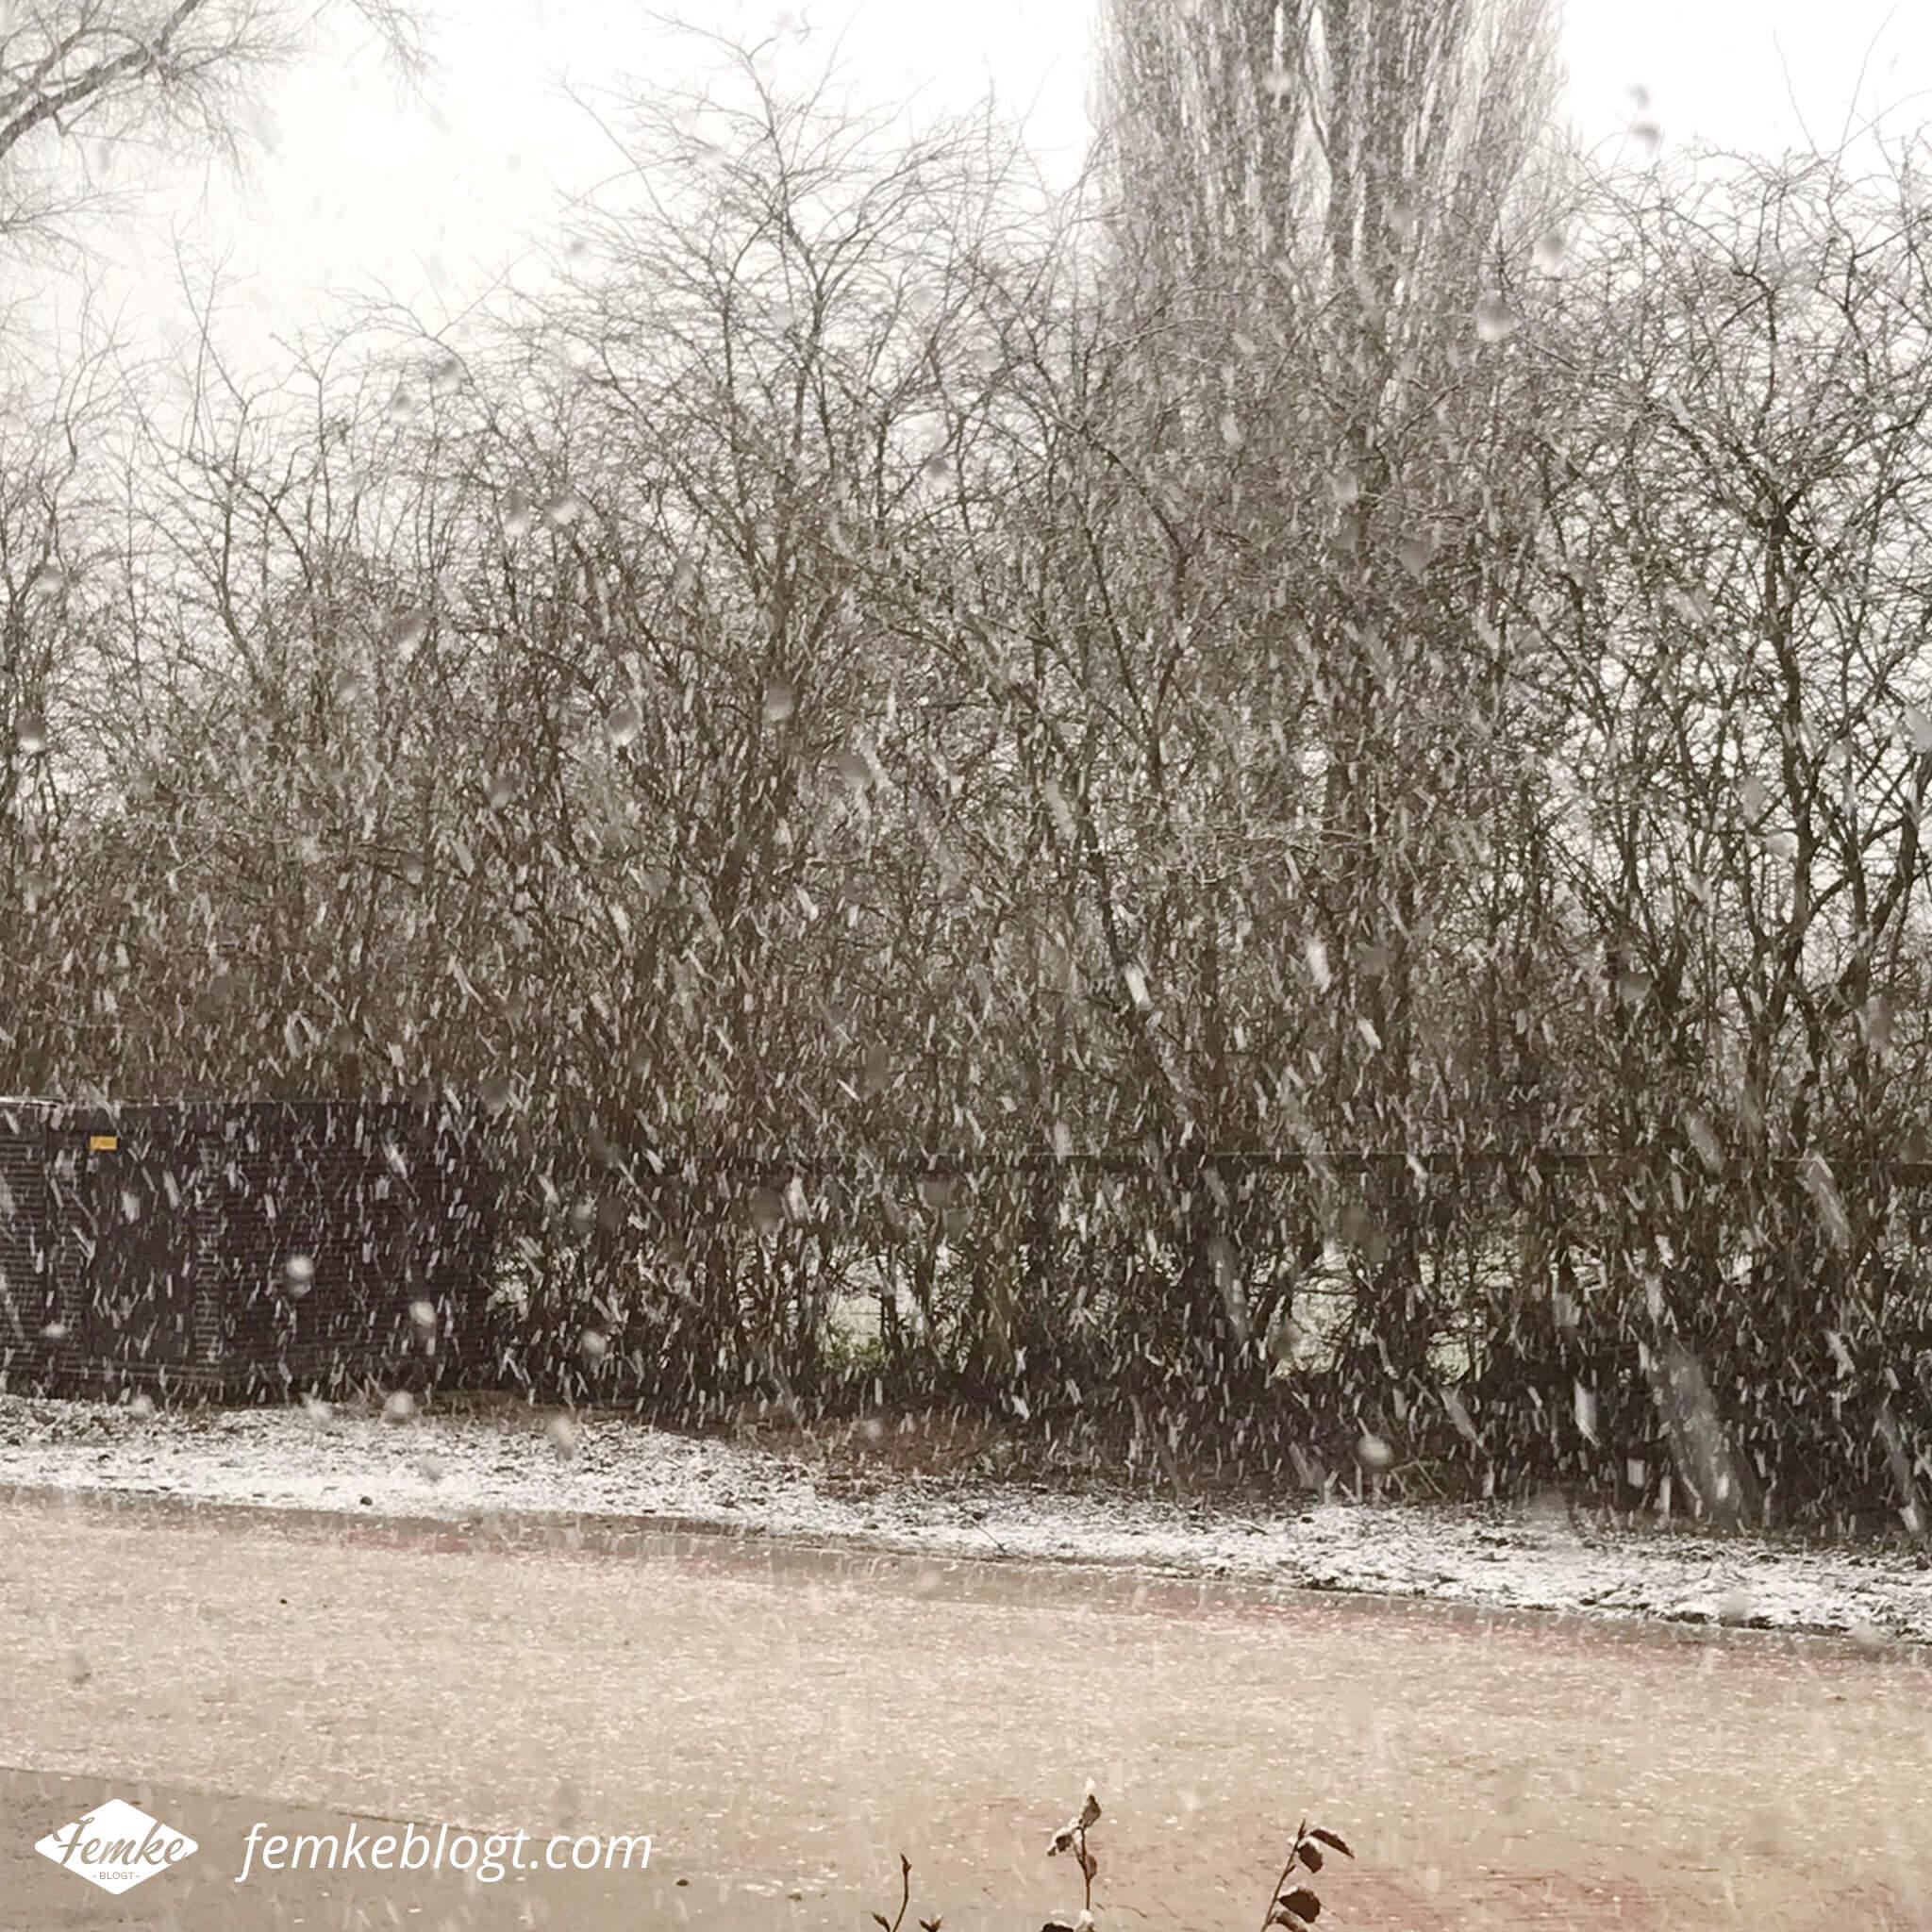 Maandoverzicht december   De eerste sneeuw in december